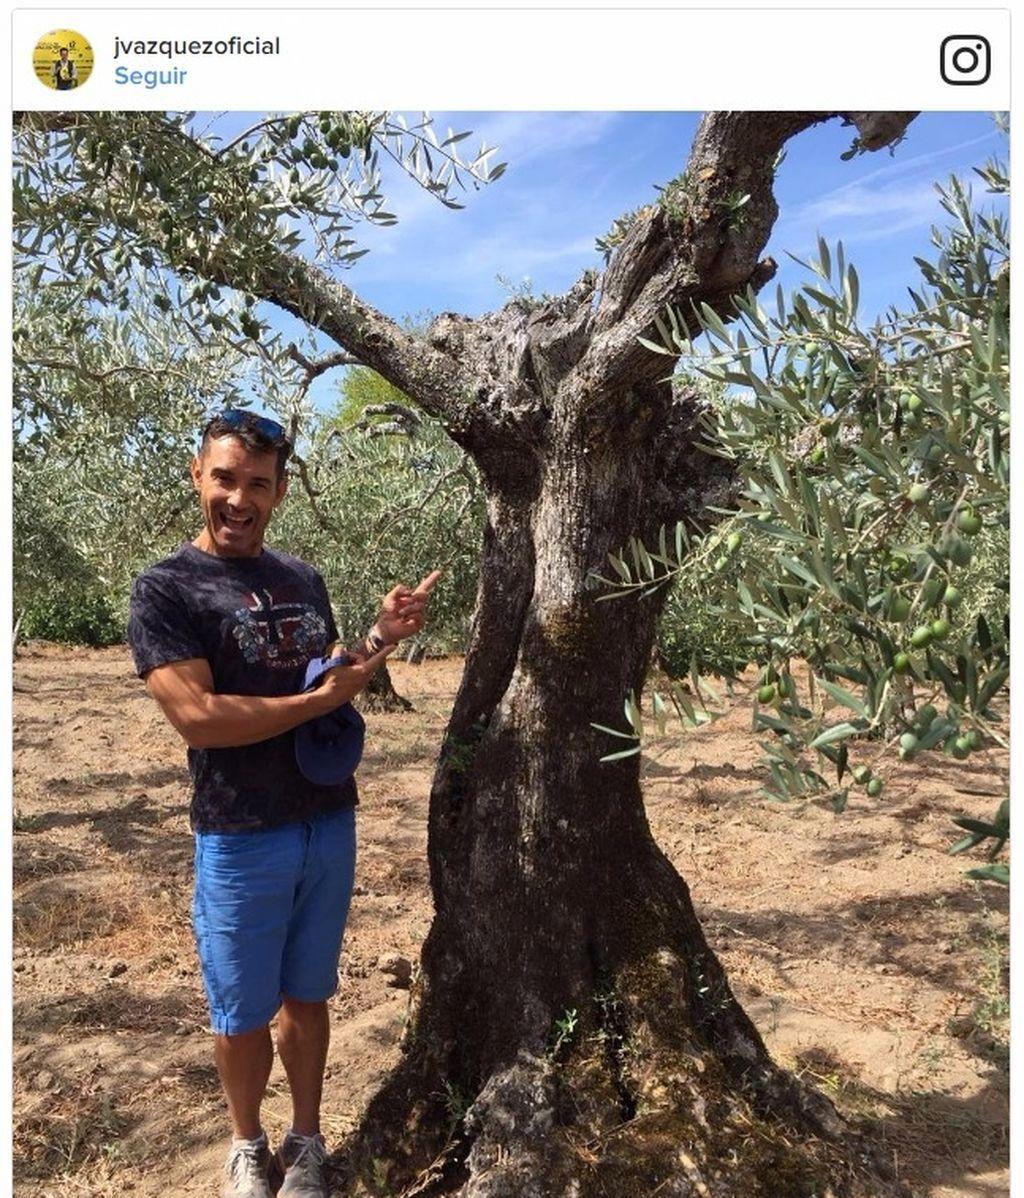 ¡Jesús Vázquez cumple 51 (aunque no lo parezca)! ¡Y sus suegros le regalan un olivo!